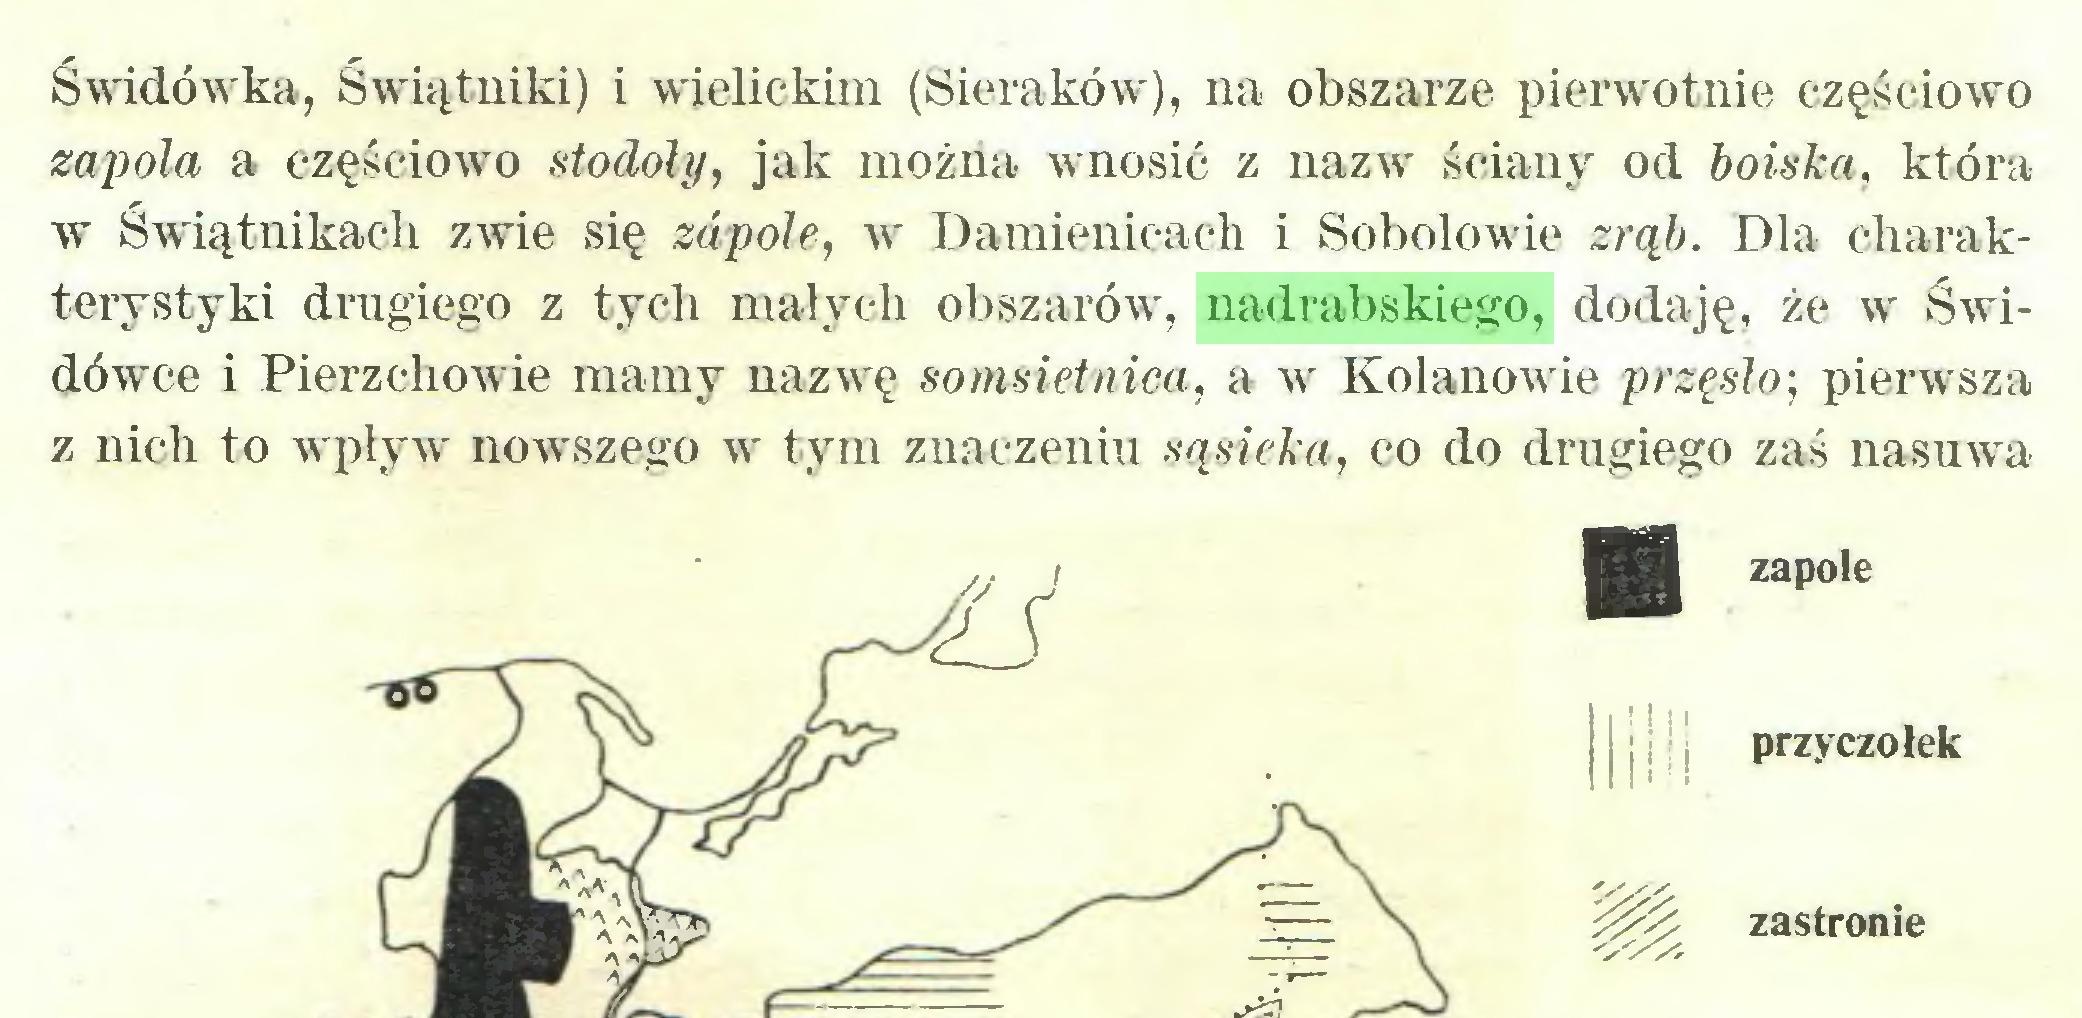 (...) Świdówka, Świątniki) i wielickim (Sieraków), na obszarze pierwotnie częściowo zapola a częściowo stodoły, jak można wnosić z nazw' ściany od boiska, która w Świątnikach zwie się zapołe, w Damienicach i Sobolowie zrąb. Dla charakterystyki drugiego z tych małych obszarów', nadrabskiego, dodaję, że w Świdów'ce i Pierzchowie mamy nazwę somsietnica, a w Kolanowie przęsło; pierwsza z nich to w pływr nowszego w tym znaczeniu sąsieka, co do drugiego zaś nasuw a ■ zapole mm. przyczółek m zastronie...